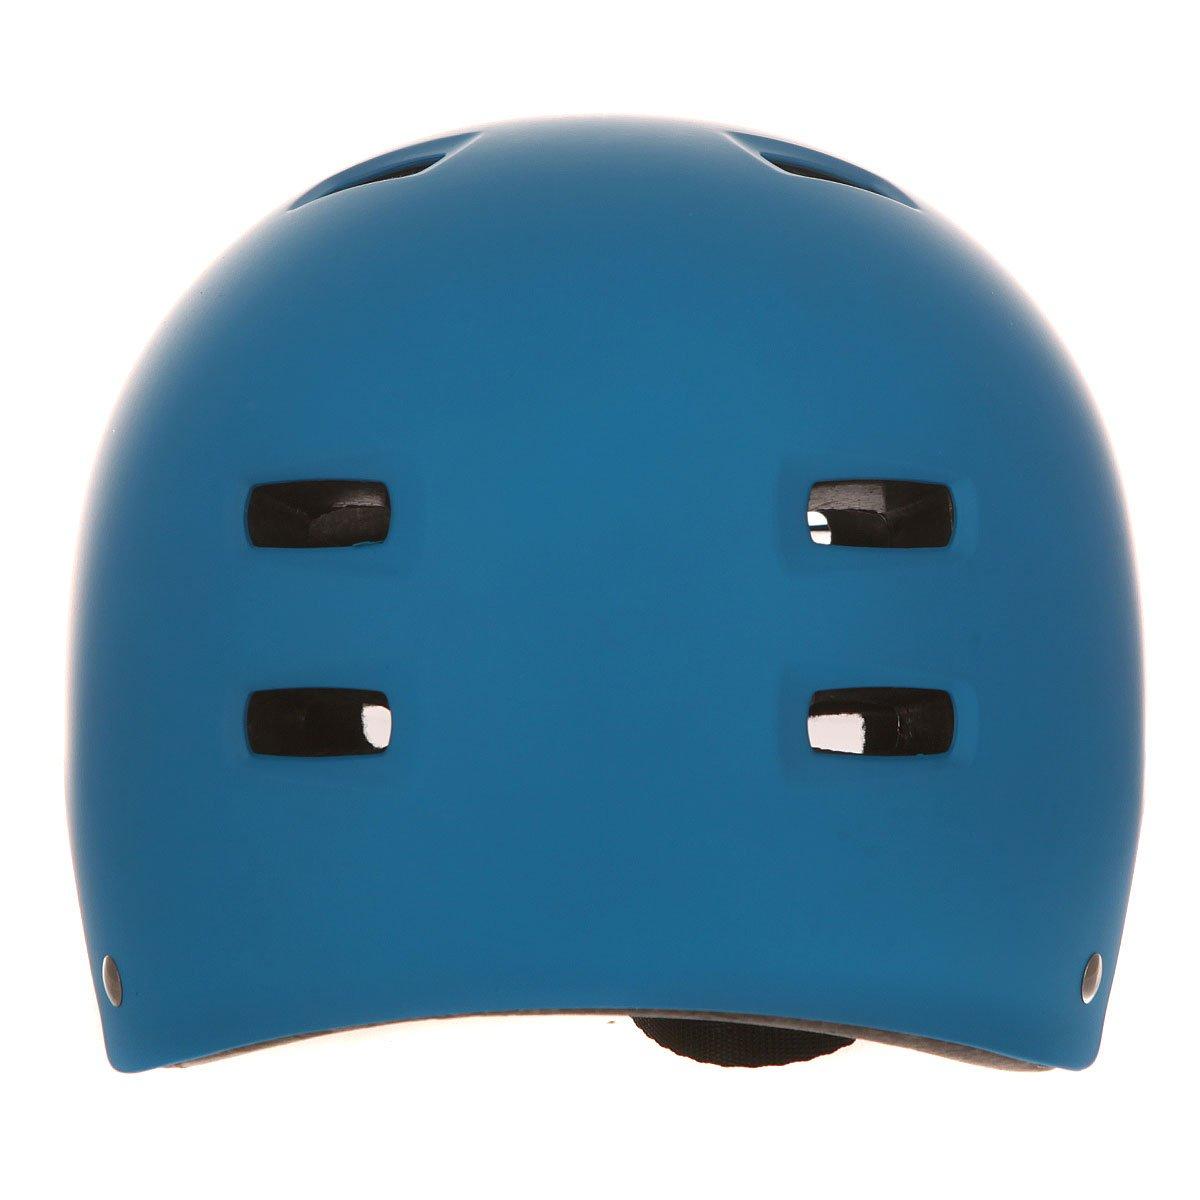 Шлем для скейтборда Bullet Deluxe Helmet Matte Blue